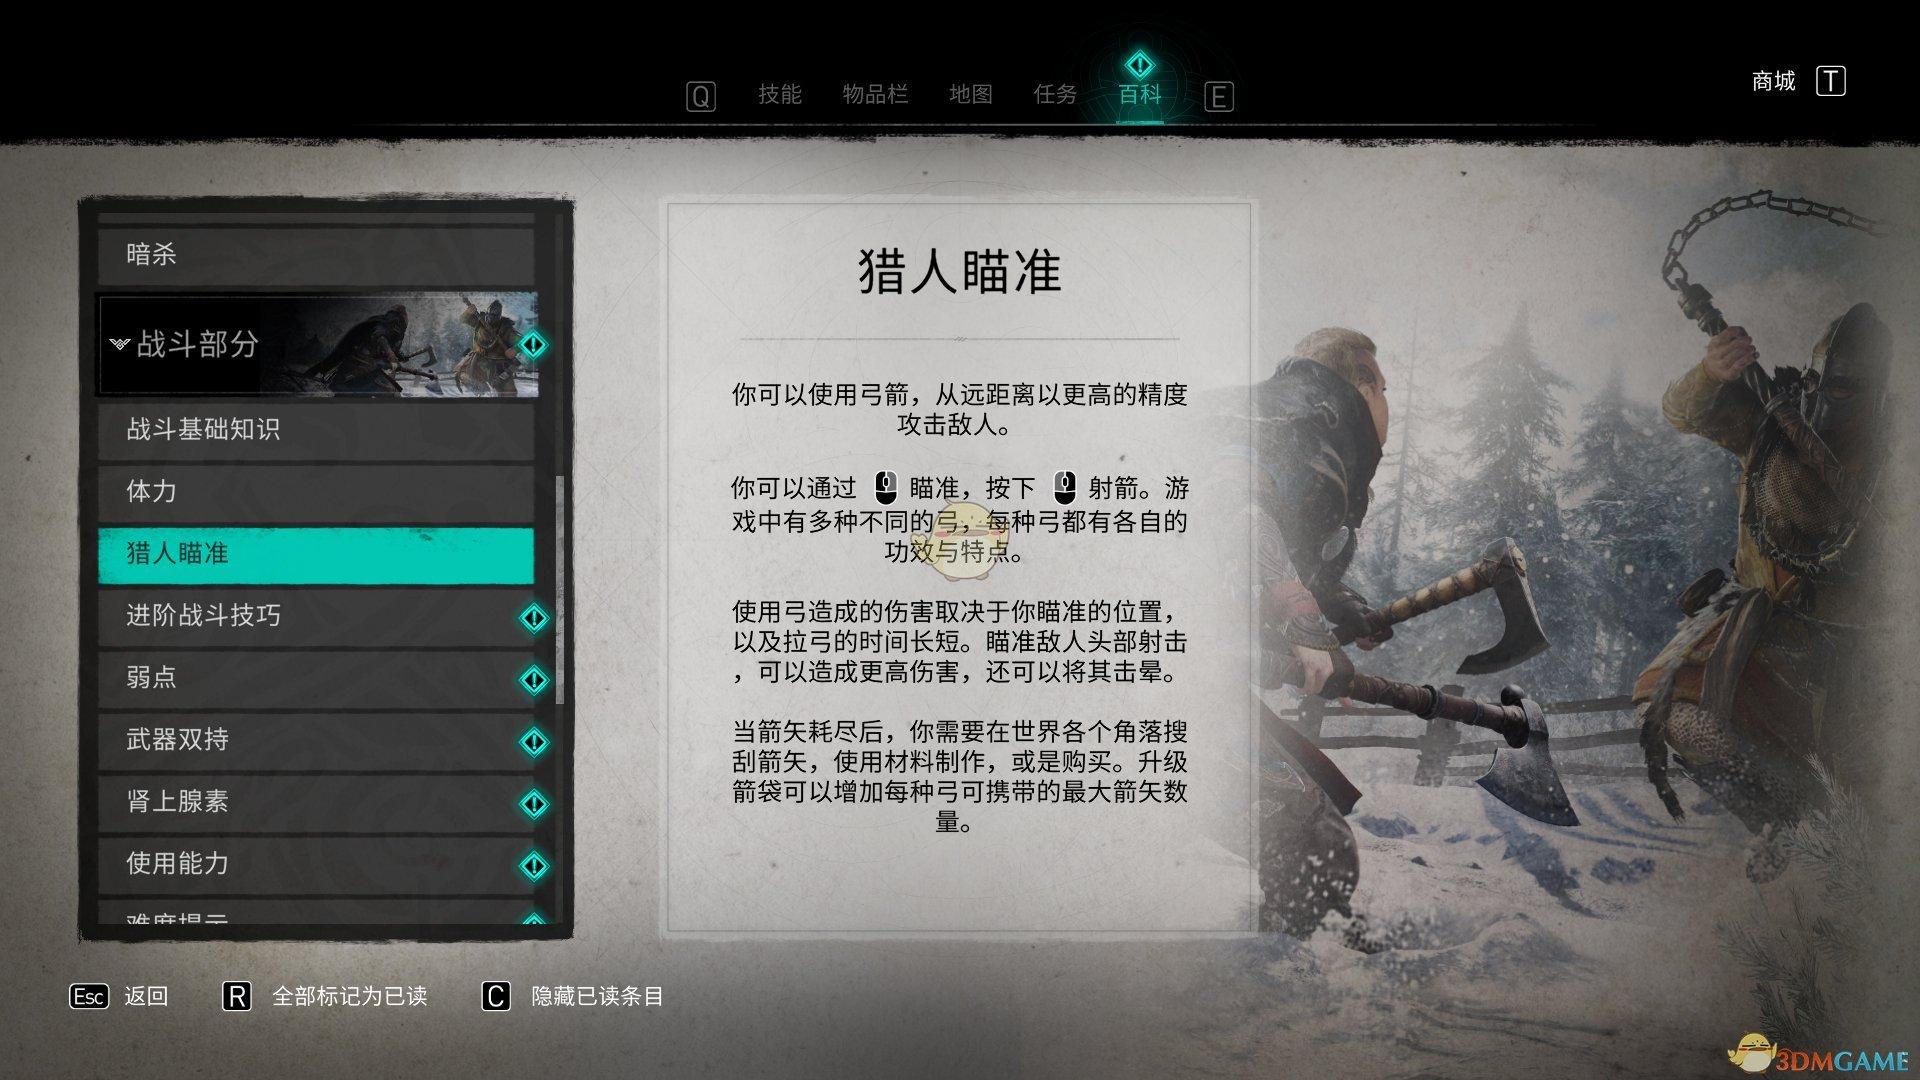 《刺客信条:英灵殿》猎人瞄准系统介绍